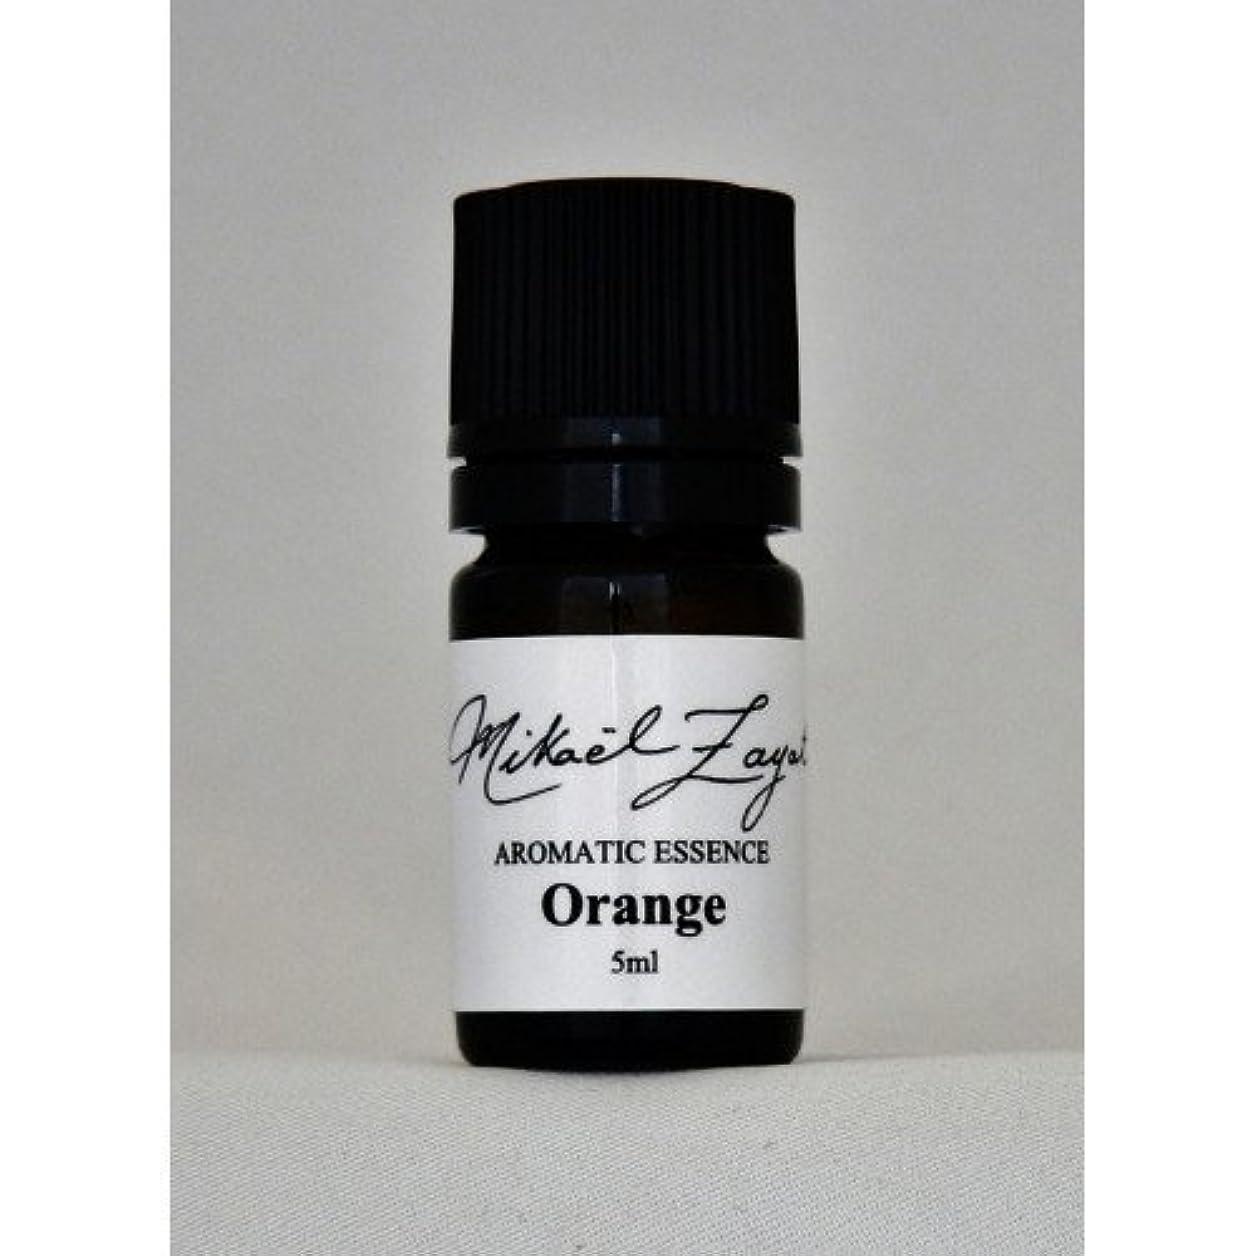 したい十代見つけたミカエル?ザヤット アロマティックエッセンス オレンジ 50ml Orange 50ml 日本国内正規品